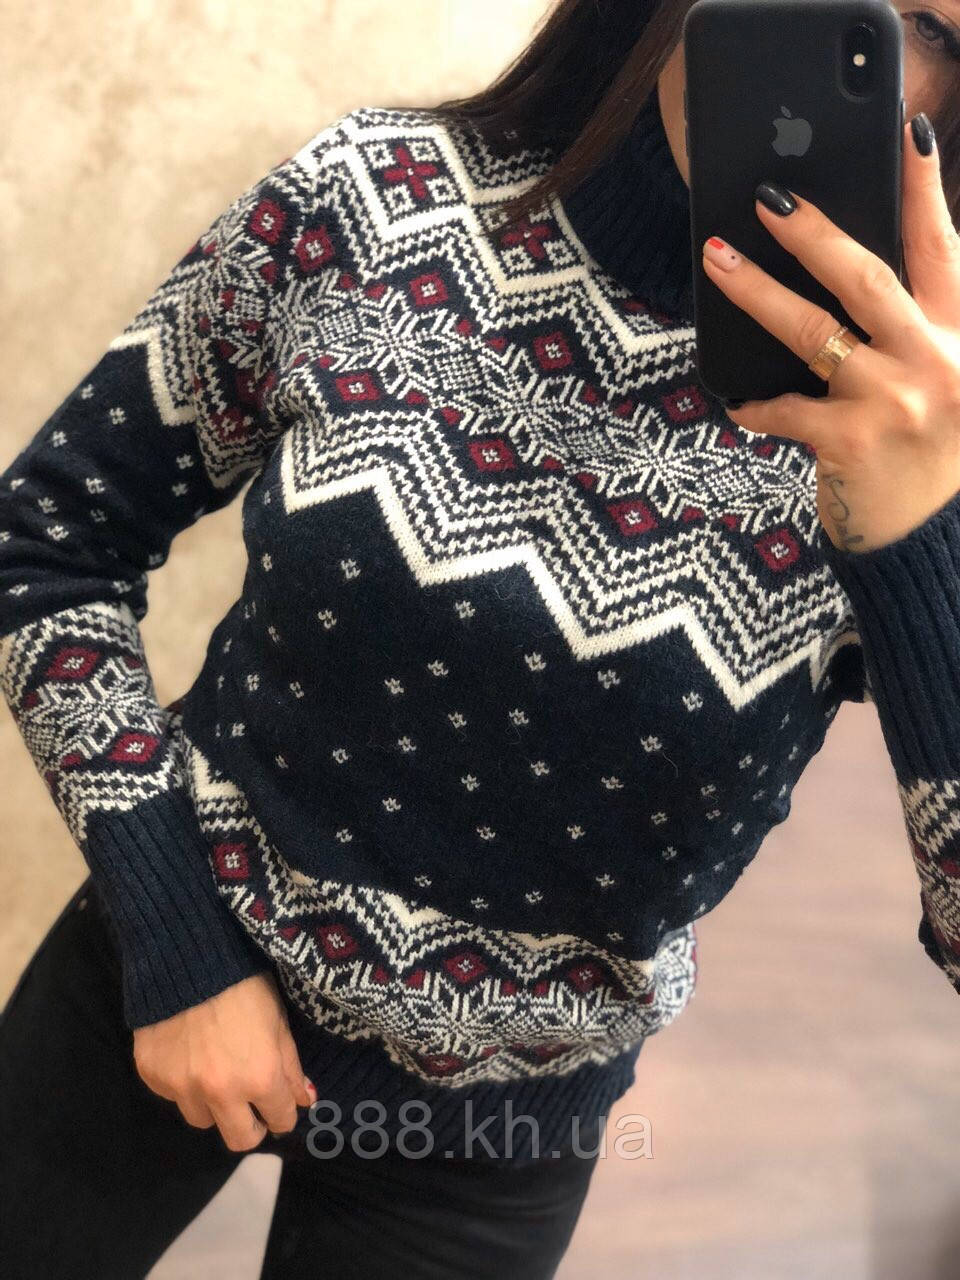 Очень теплый шерстяной женский свитер с рисунком (вязка)